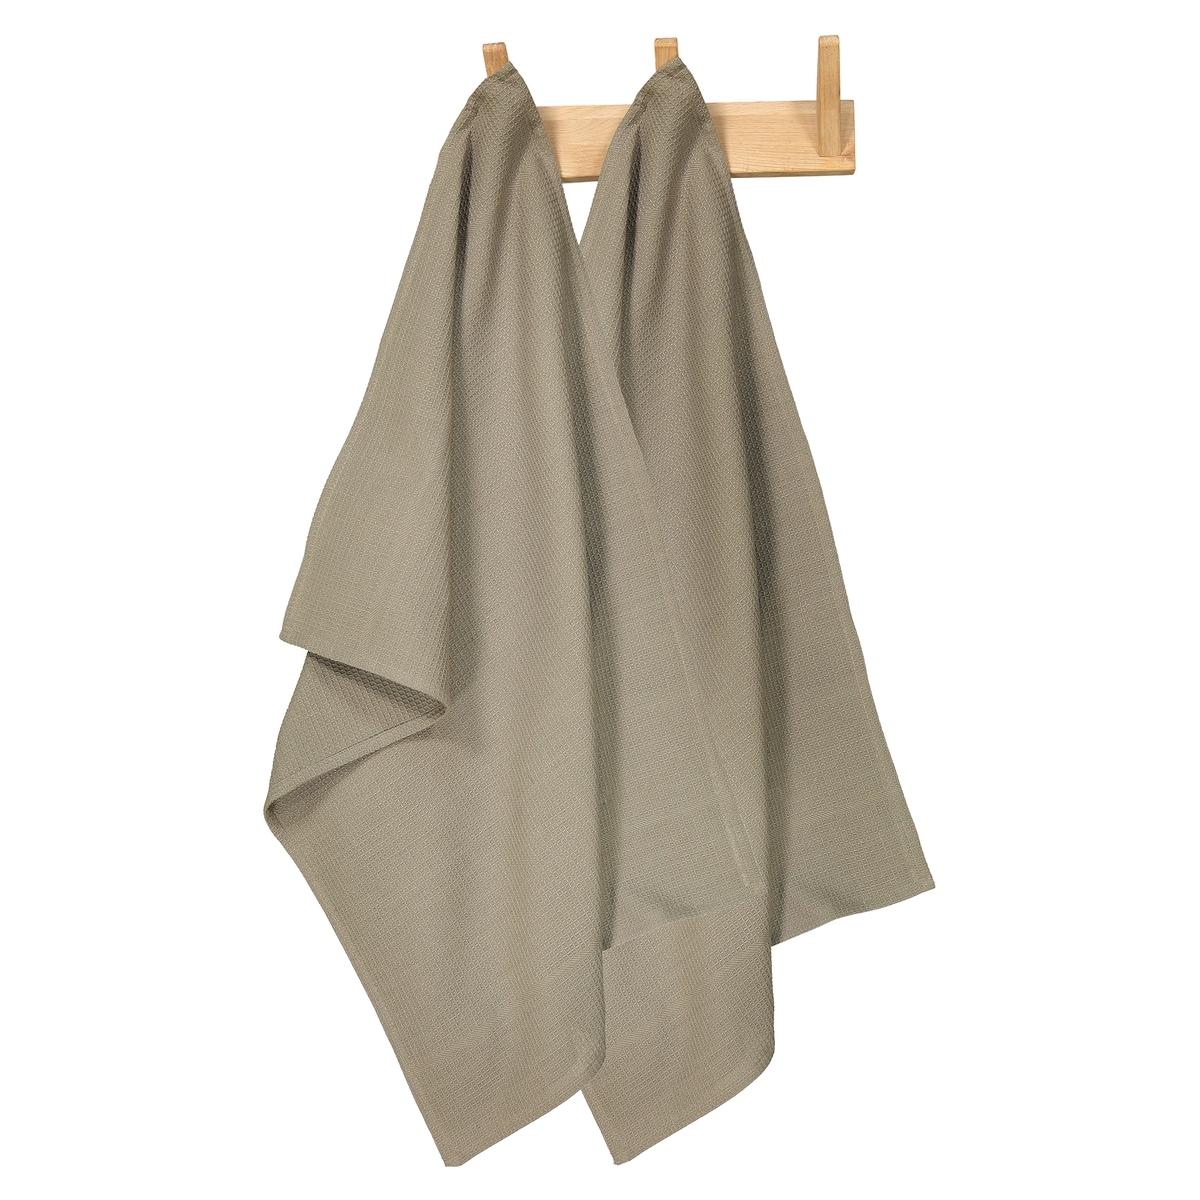 Комплект из 2 полотенец из вафельной ткани полотенца кухонные la pastel комплект кухонных полотенец gabel 6пр 50x70 primizie